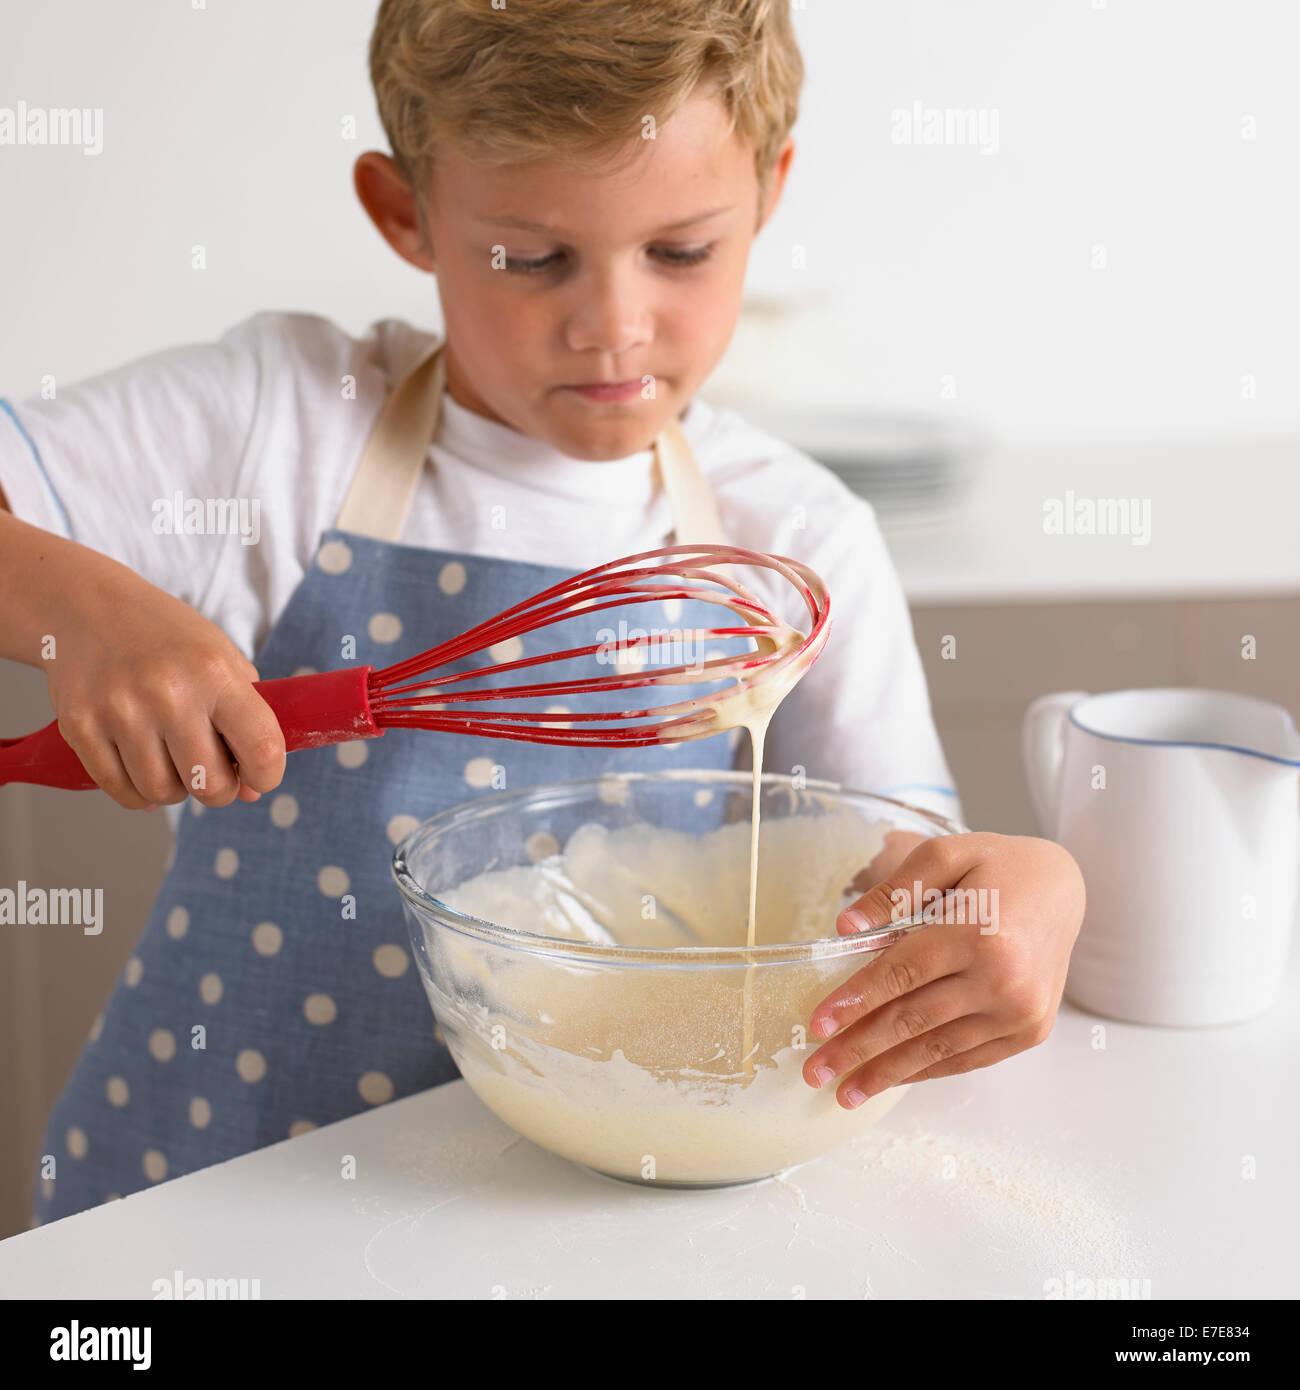 boy whisking batter to make pancakes Stock Photo